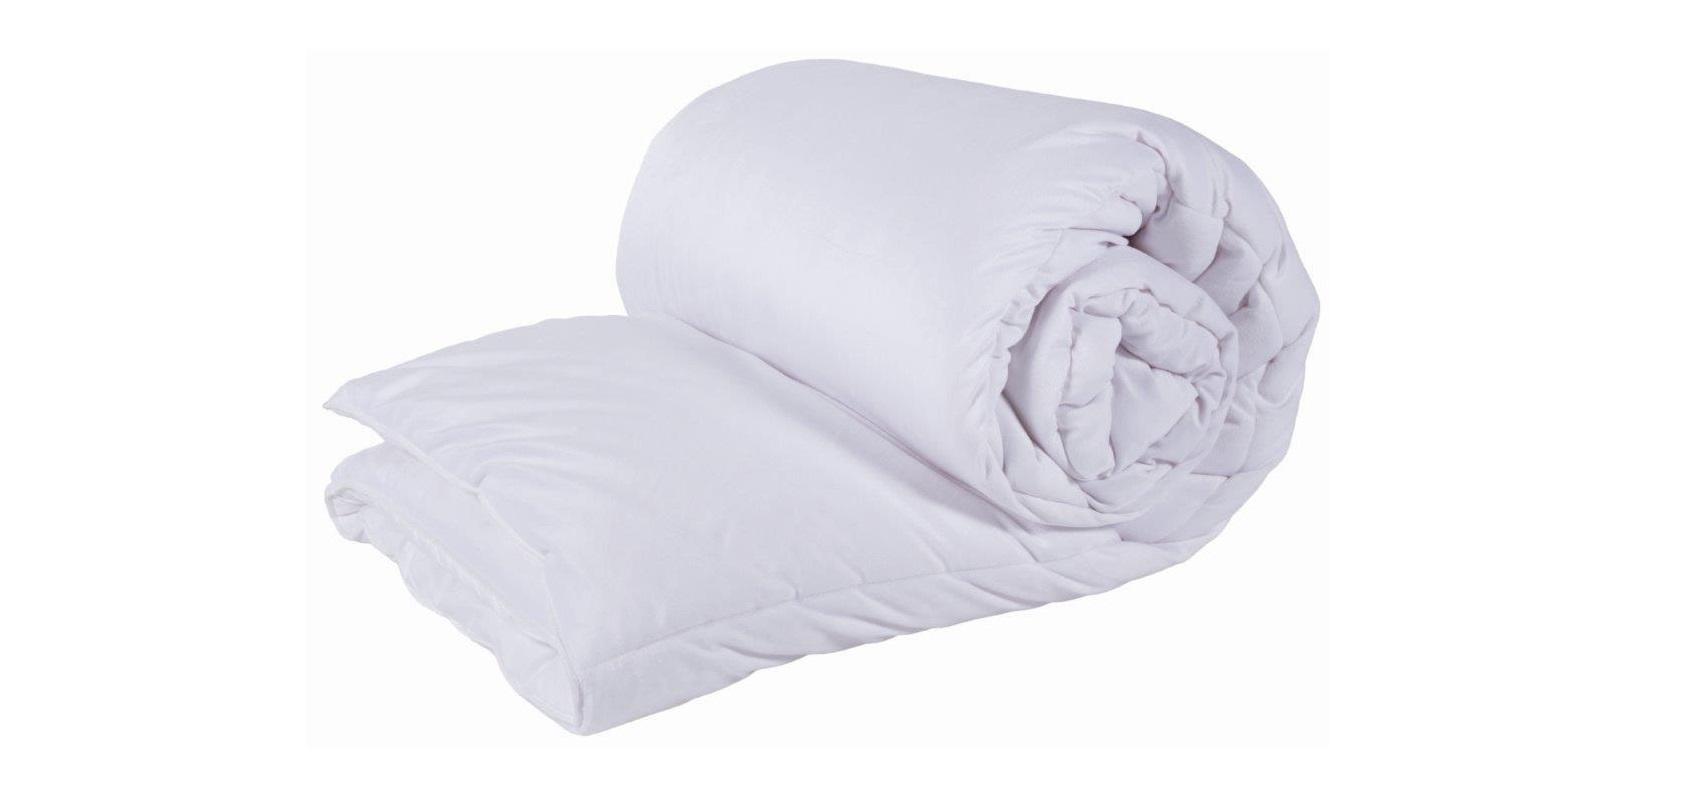 Sainsburys Home Anti Allergy Bedding